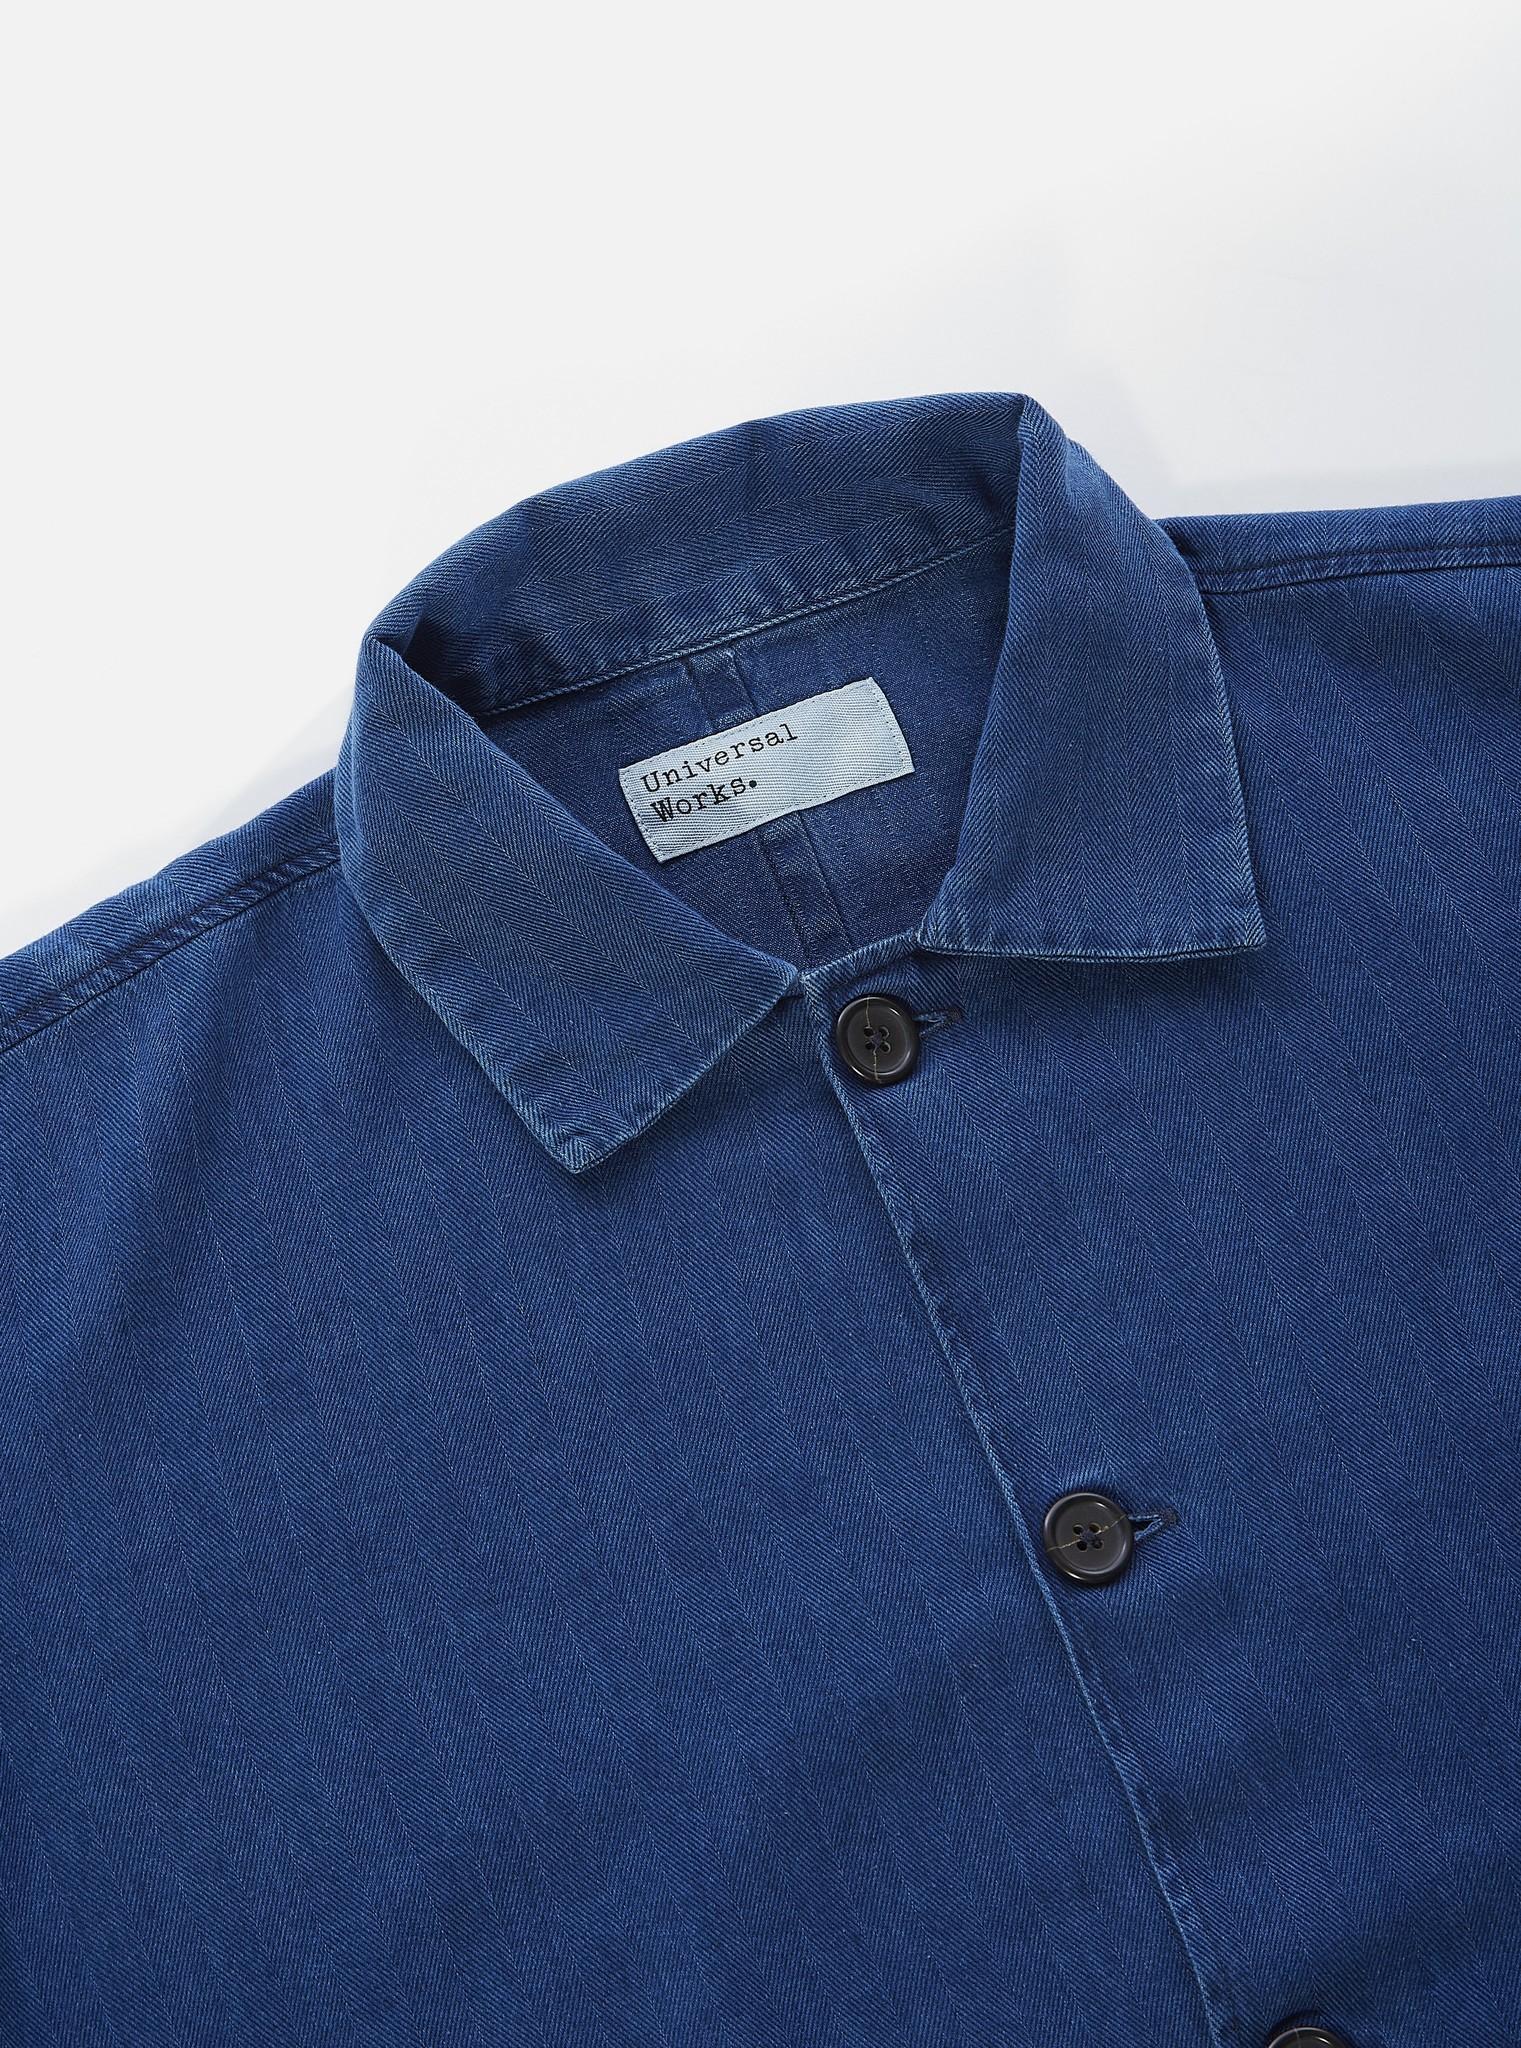 Travail Blauw Overshirt Heren Washed Indigo-3